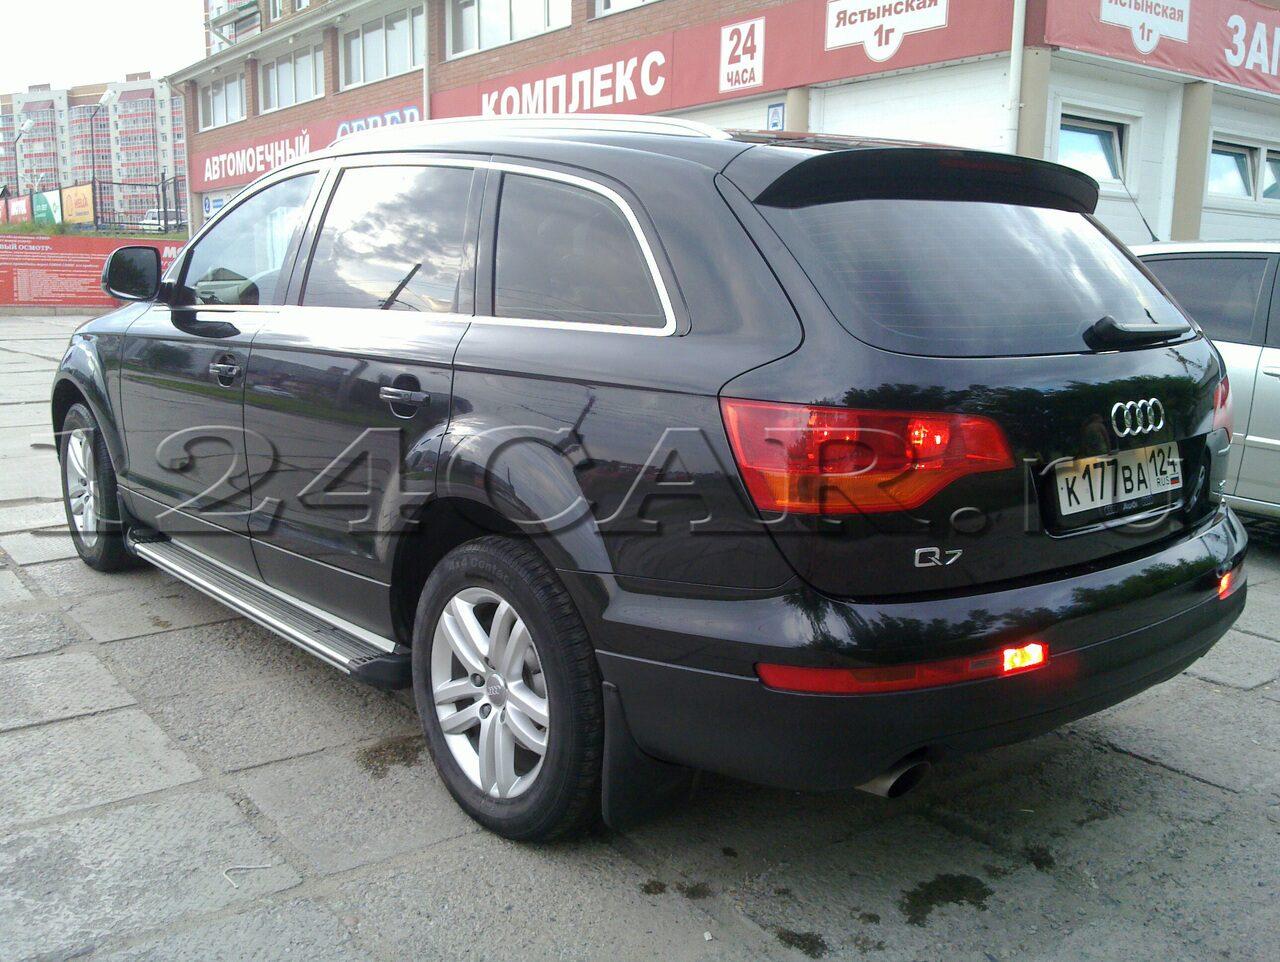 Audi q7 (Ауди ку 7) чёрного цвета, максимальная ...